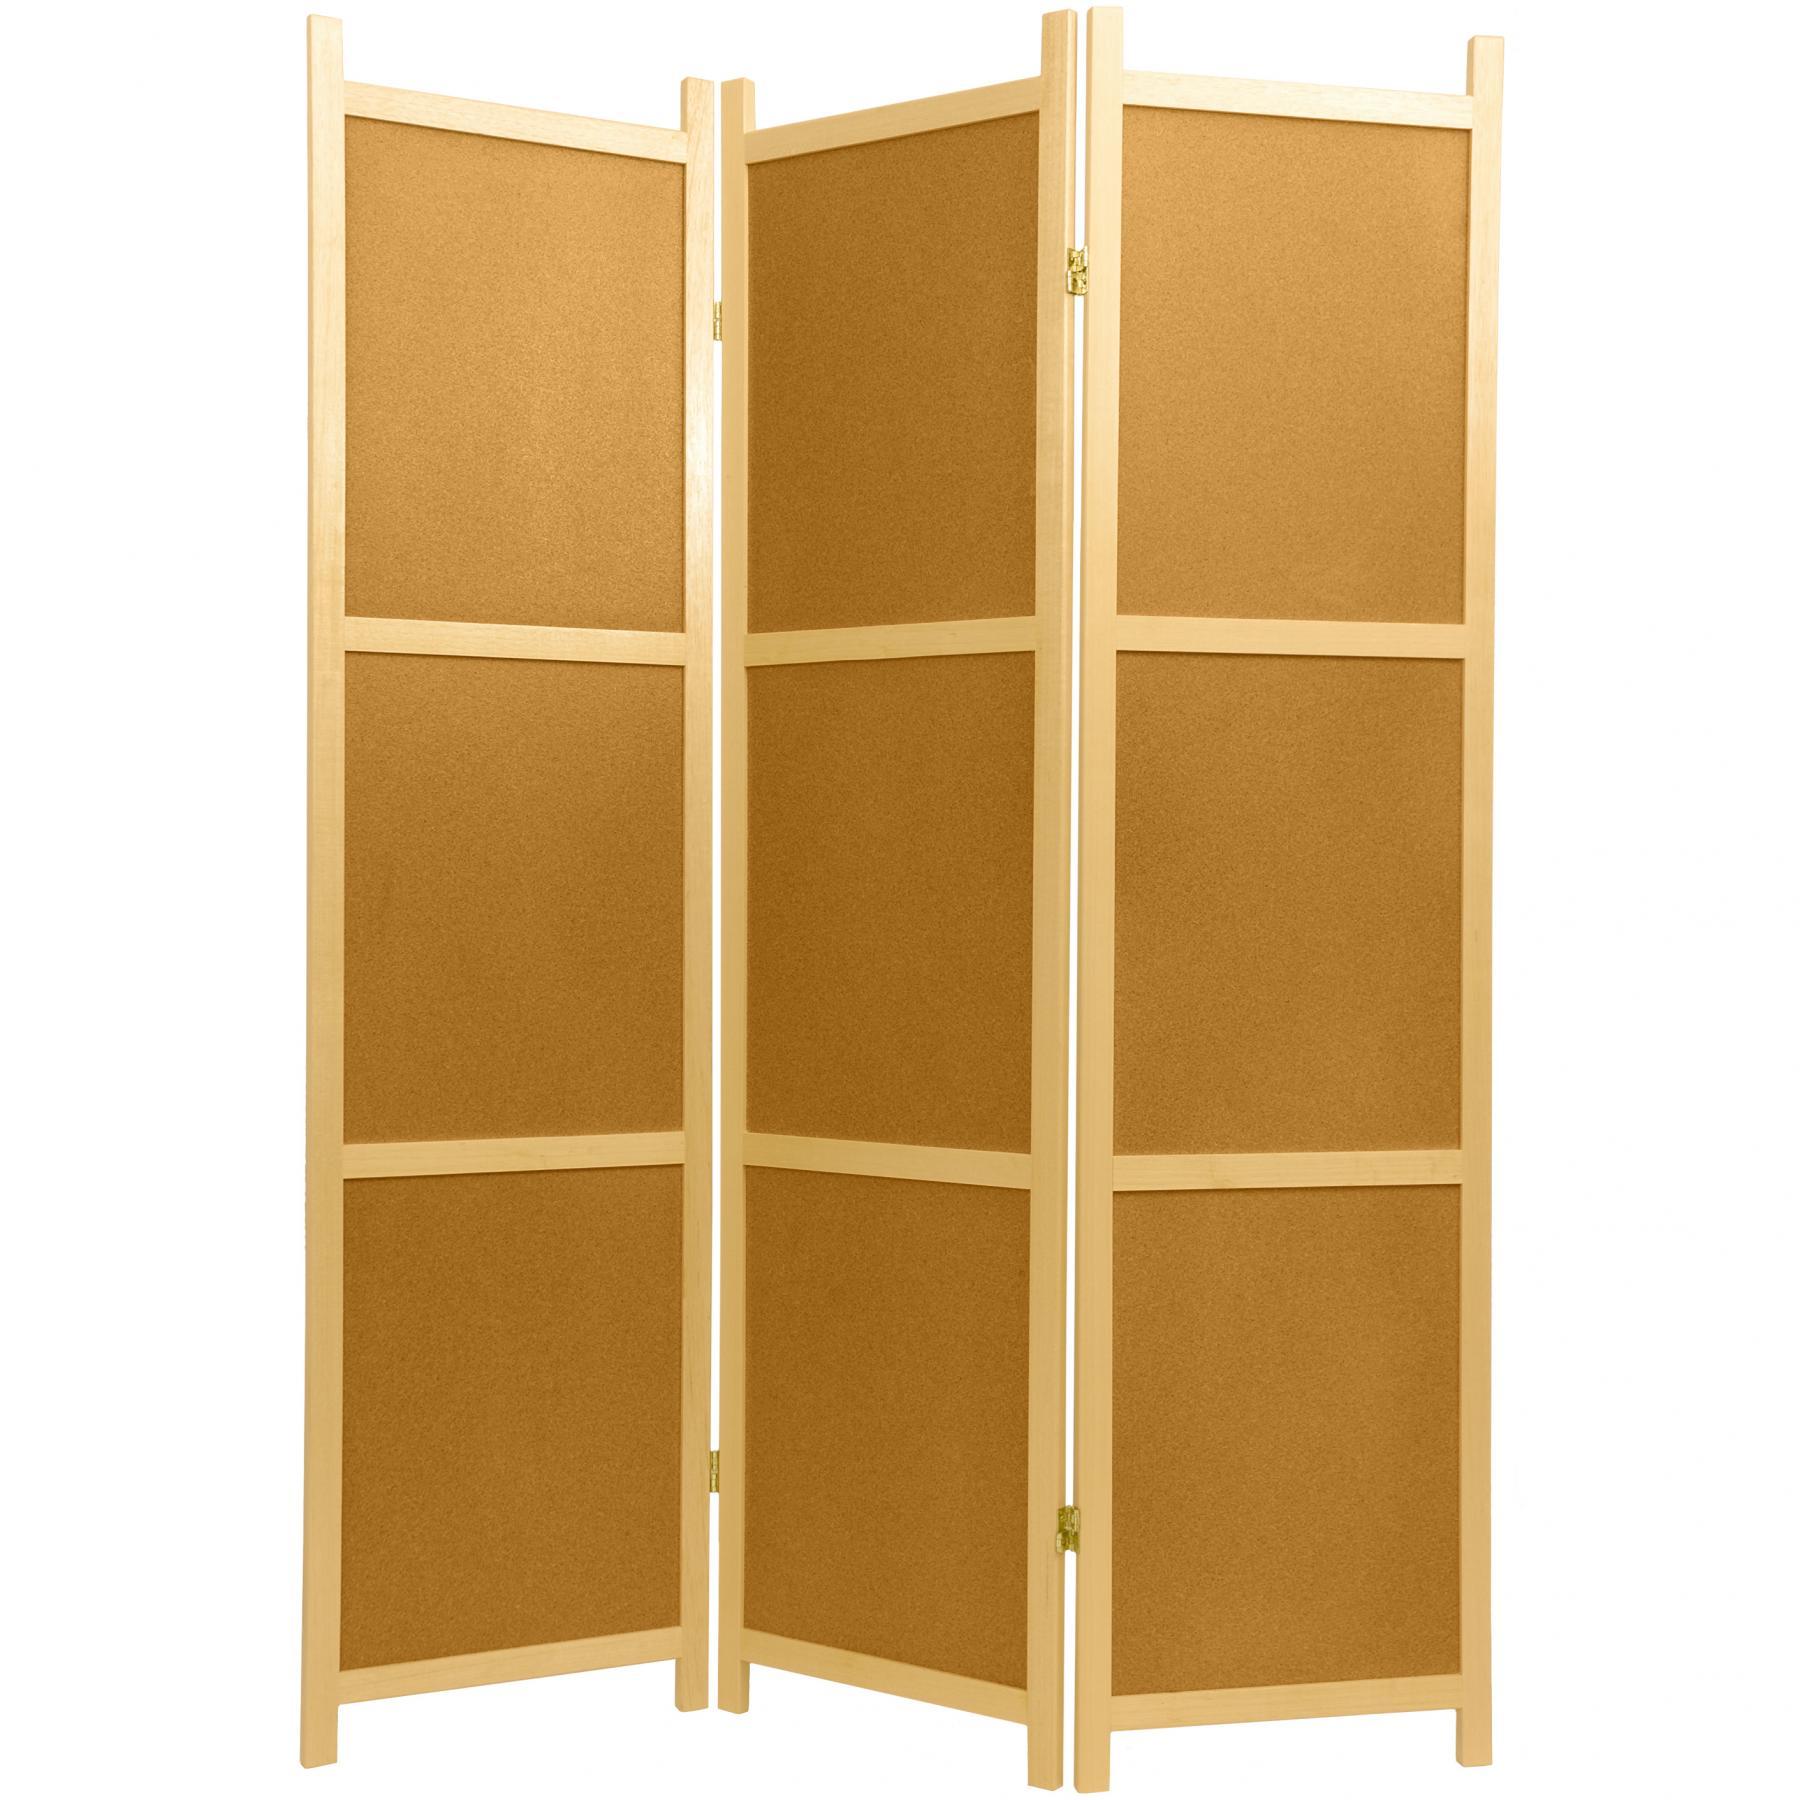 6 ft tall cork board shoji screen